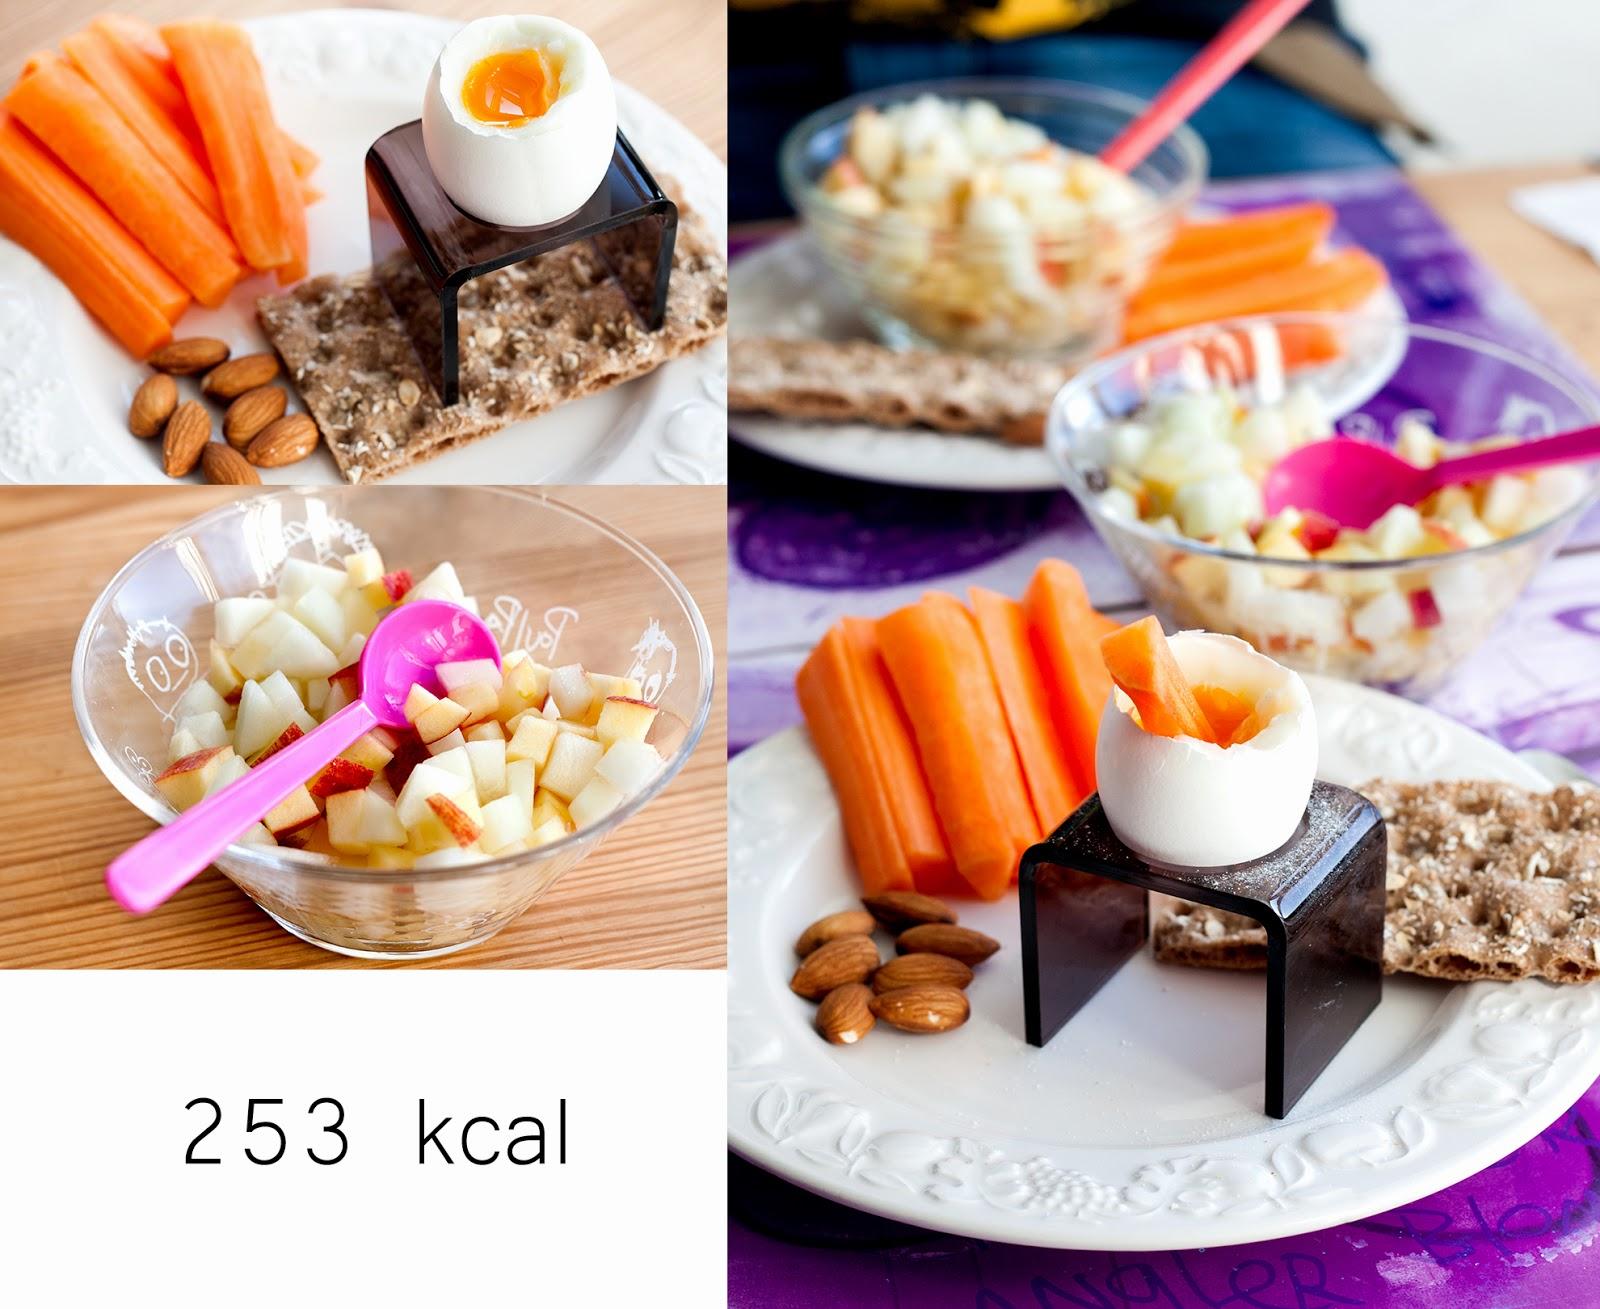 middag under 250 kalorier